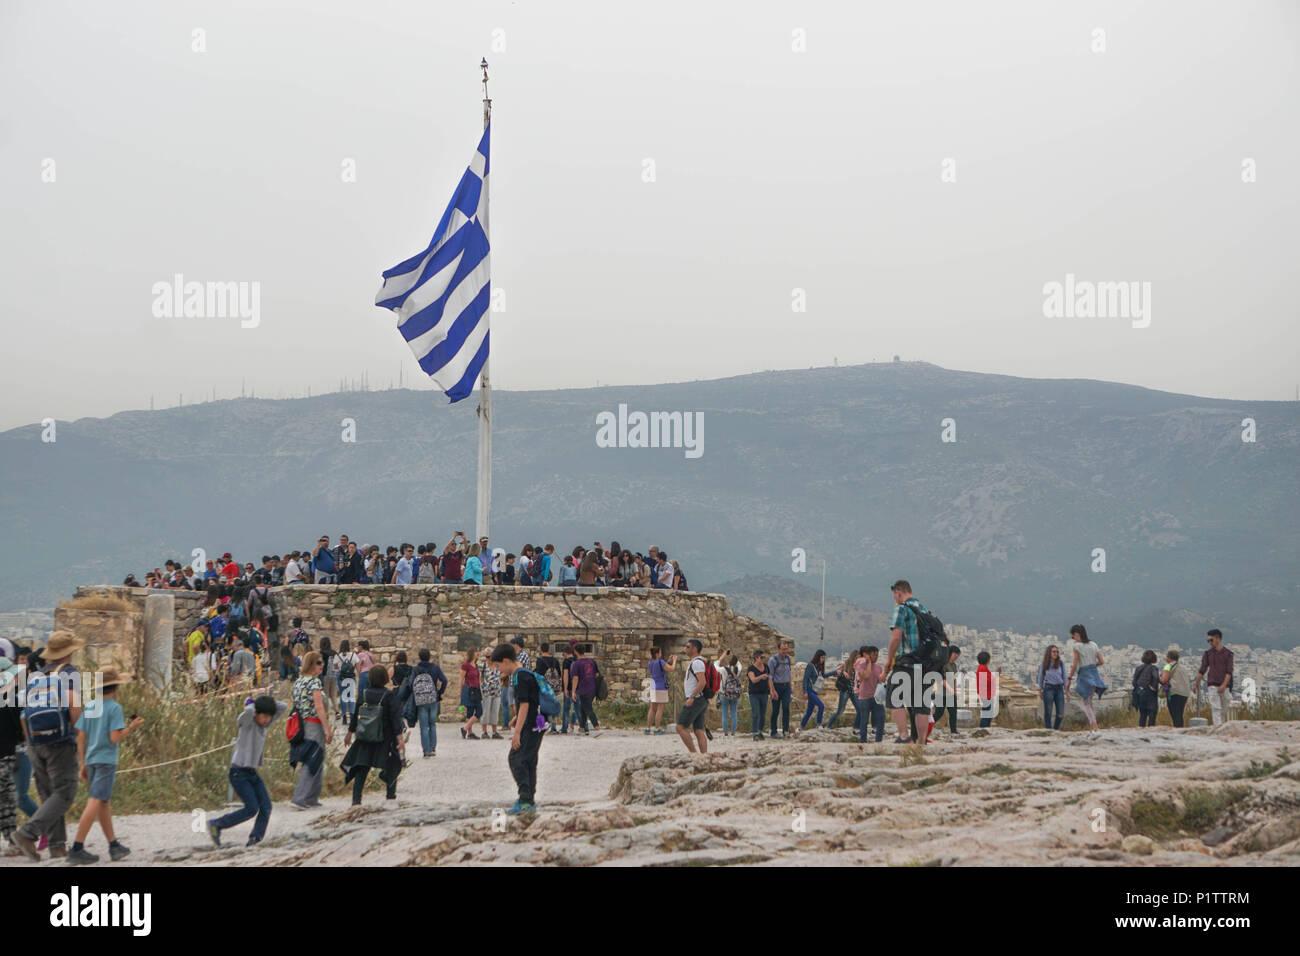 Athens, Grecia - 16 Aprile 2018: turisti si riuniscono intorno alla bandiera greca all'Acropoli di Atene, sotto un cielo nebuloso causata dalla polvere dell'inquinamento. Immagini Stock